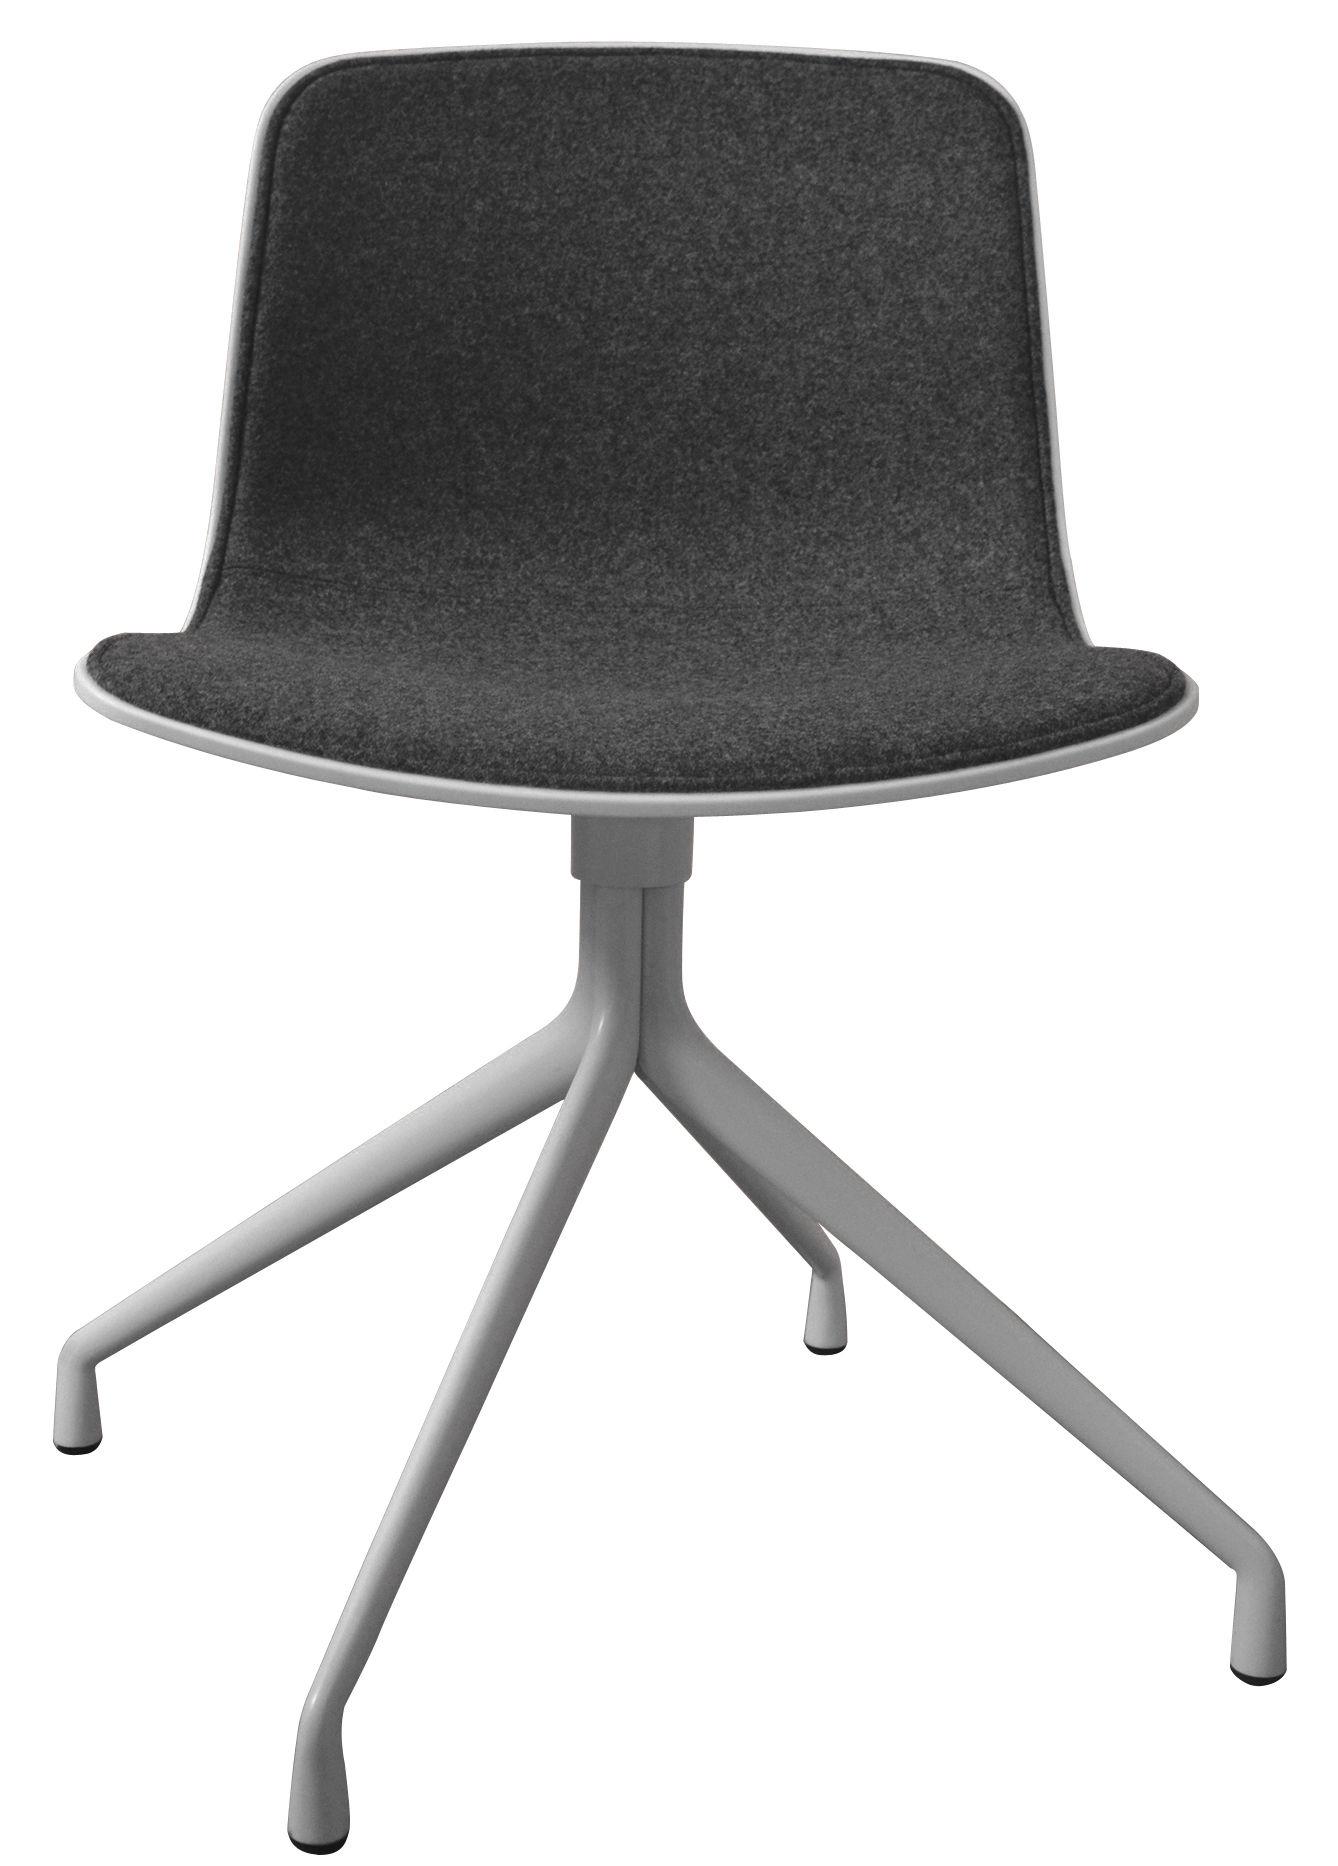 Möbel - Stühle  - About a chair Drehstuhl mit Stoffbezug / 4 Stuhlbeine - Drehstuhl - Hay - Weiß / Bezug grau - Kvadrat-Gewebe, lackiertes Gussaluminium, Polypropylen, Schaumstoff